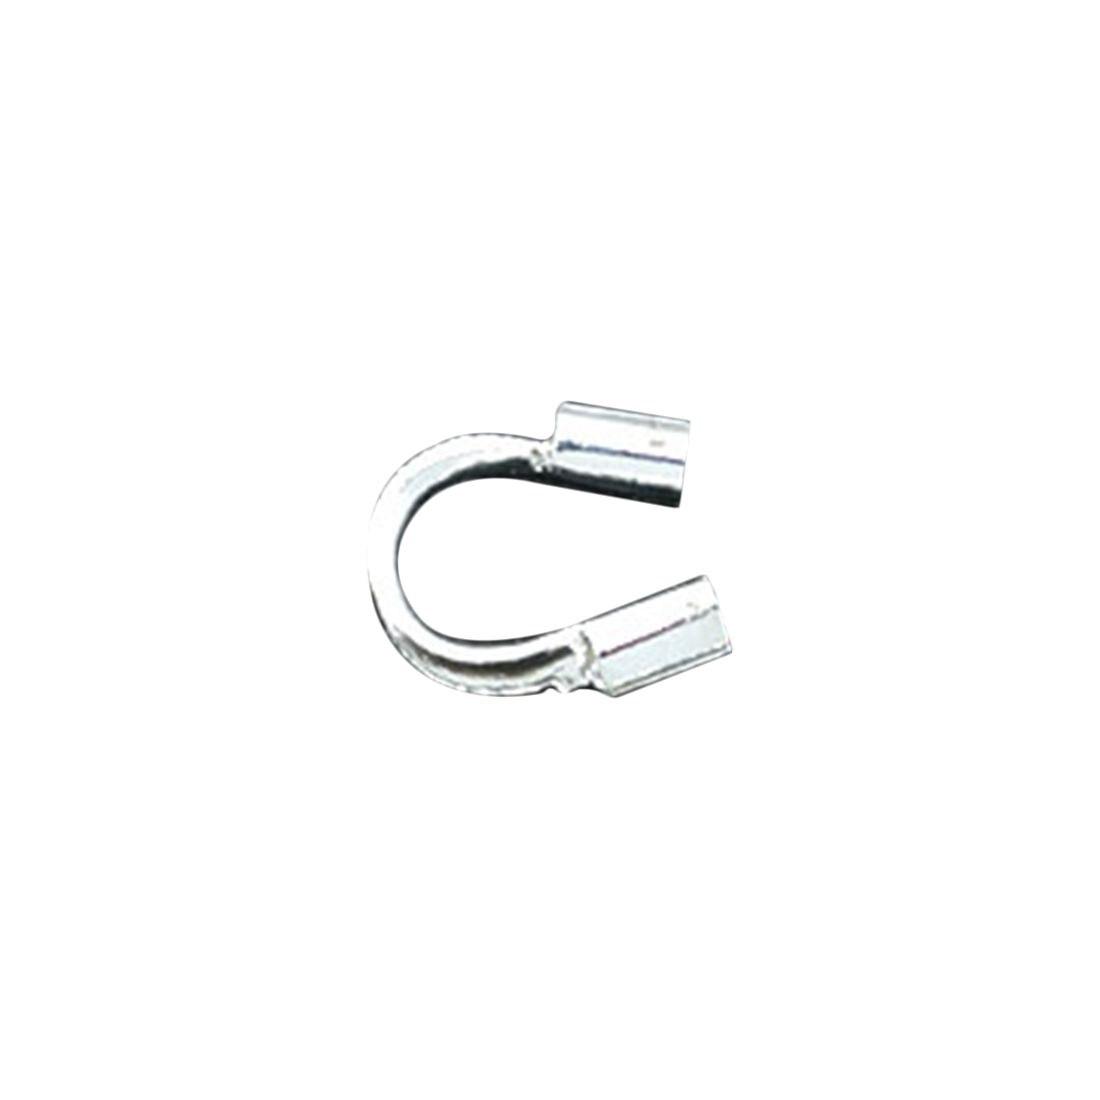 1000 серебряные Провода Guardian Провода защитные 4.7 мм